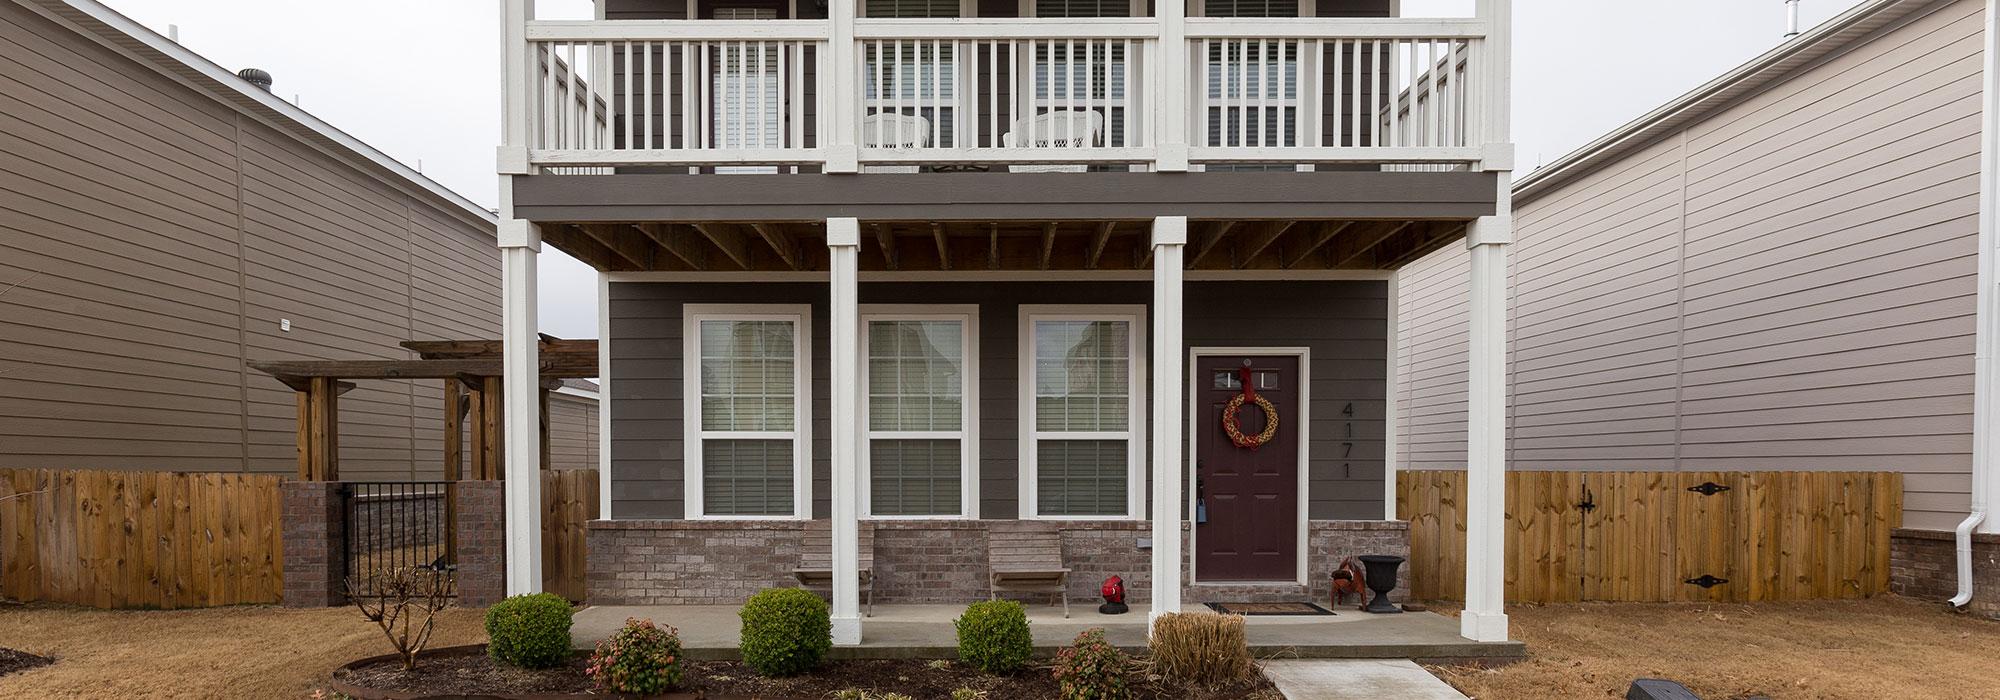 4171 W Bradstreet Ln, Fayetteville, AR 72704